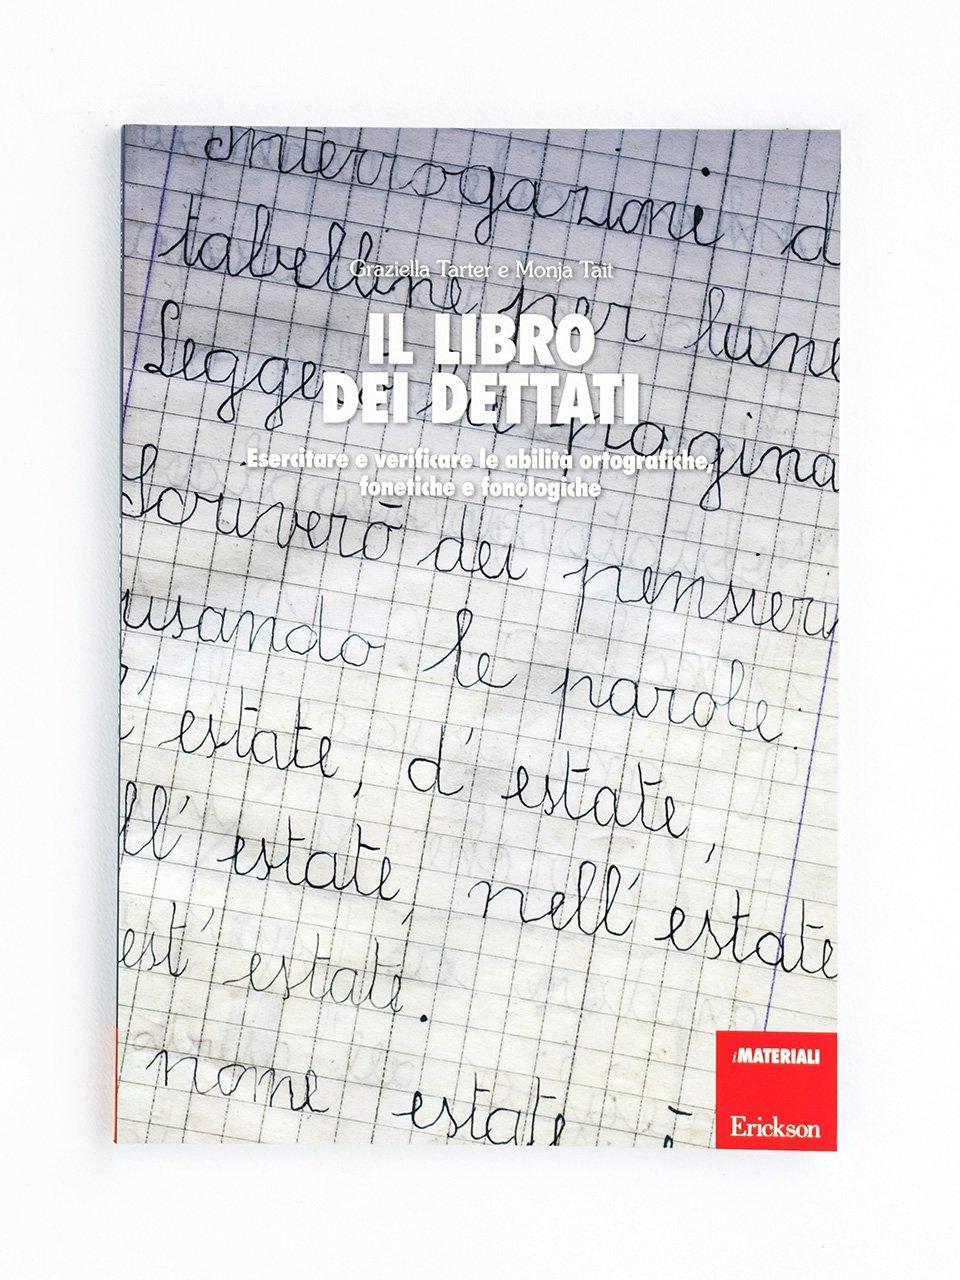 Il libro dei dettati - Leggere testi - Libri - App e software - Erickson